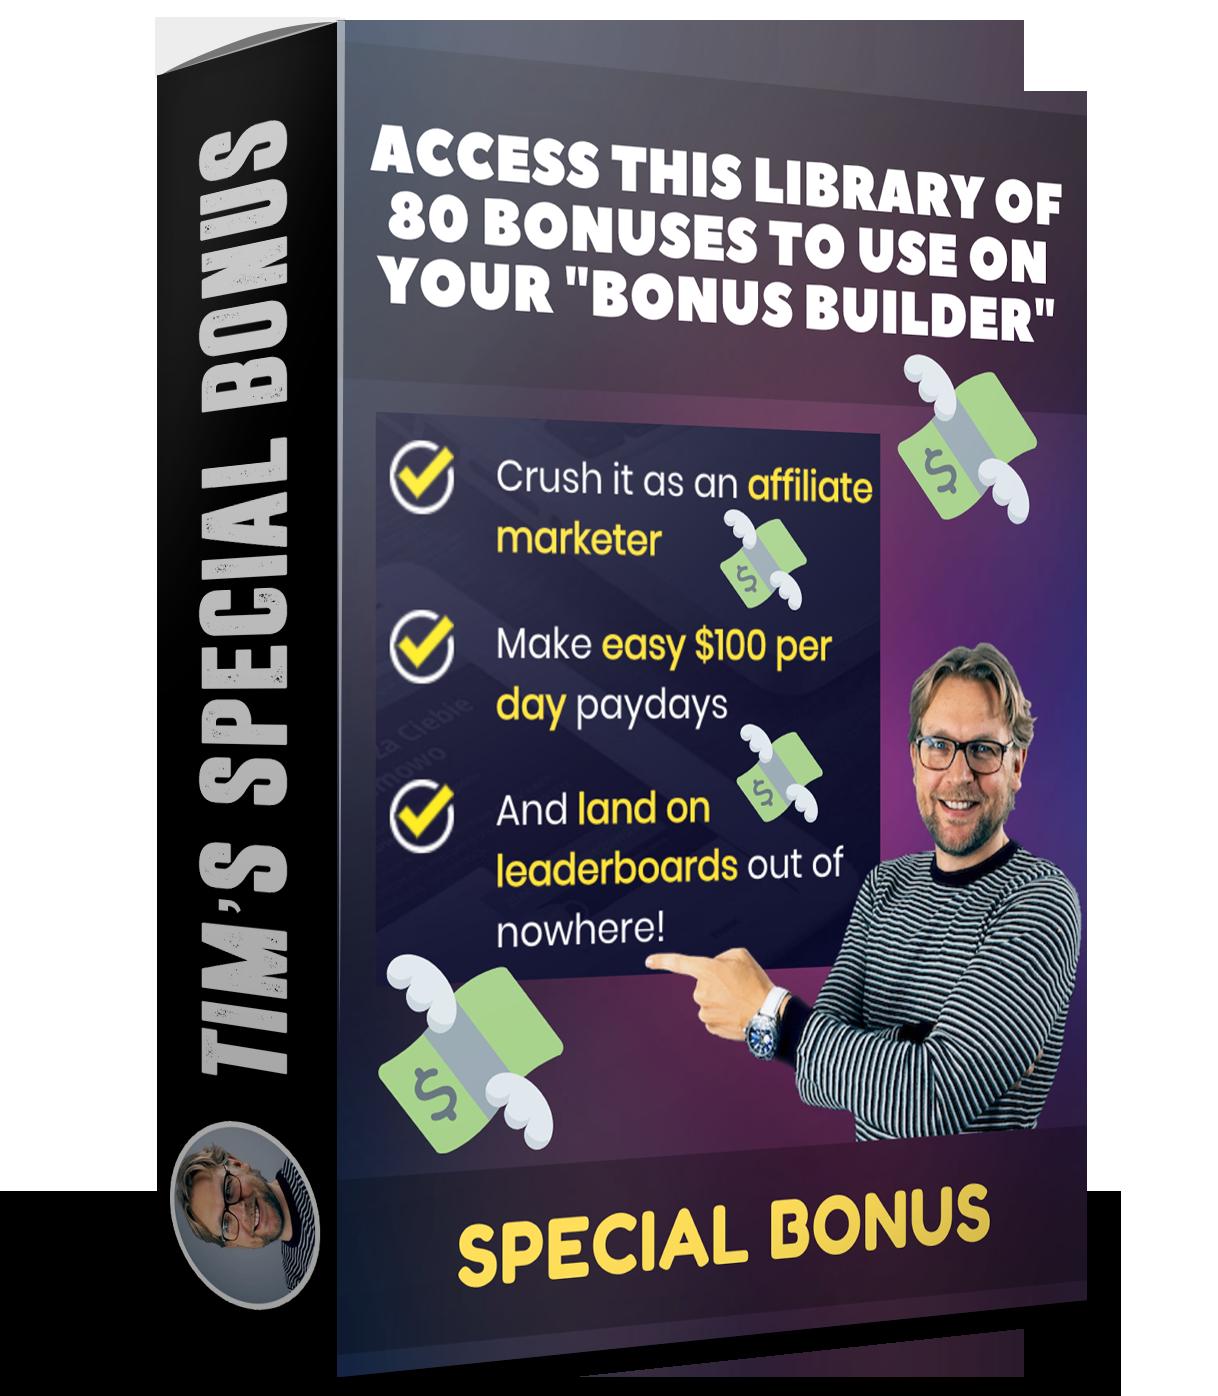 80 bonuses